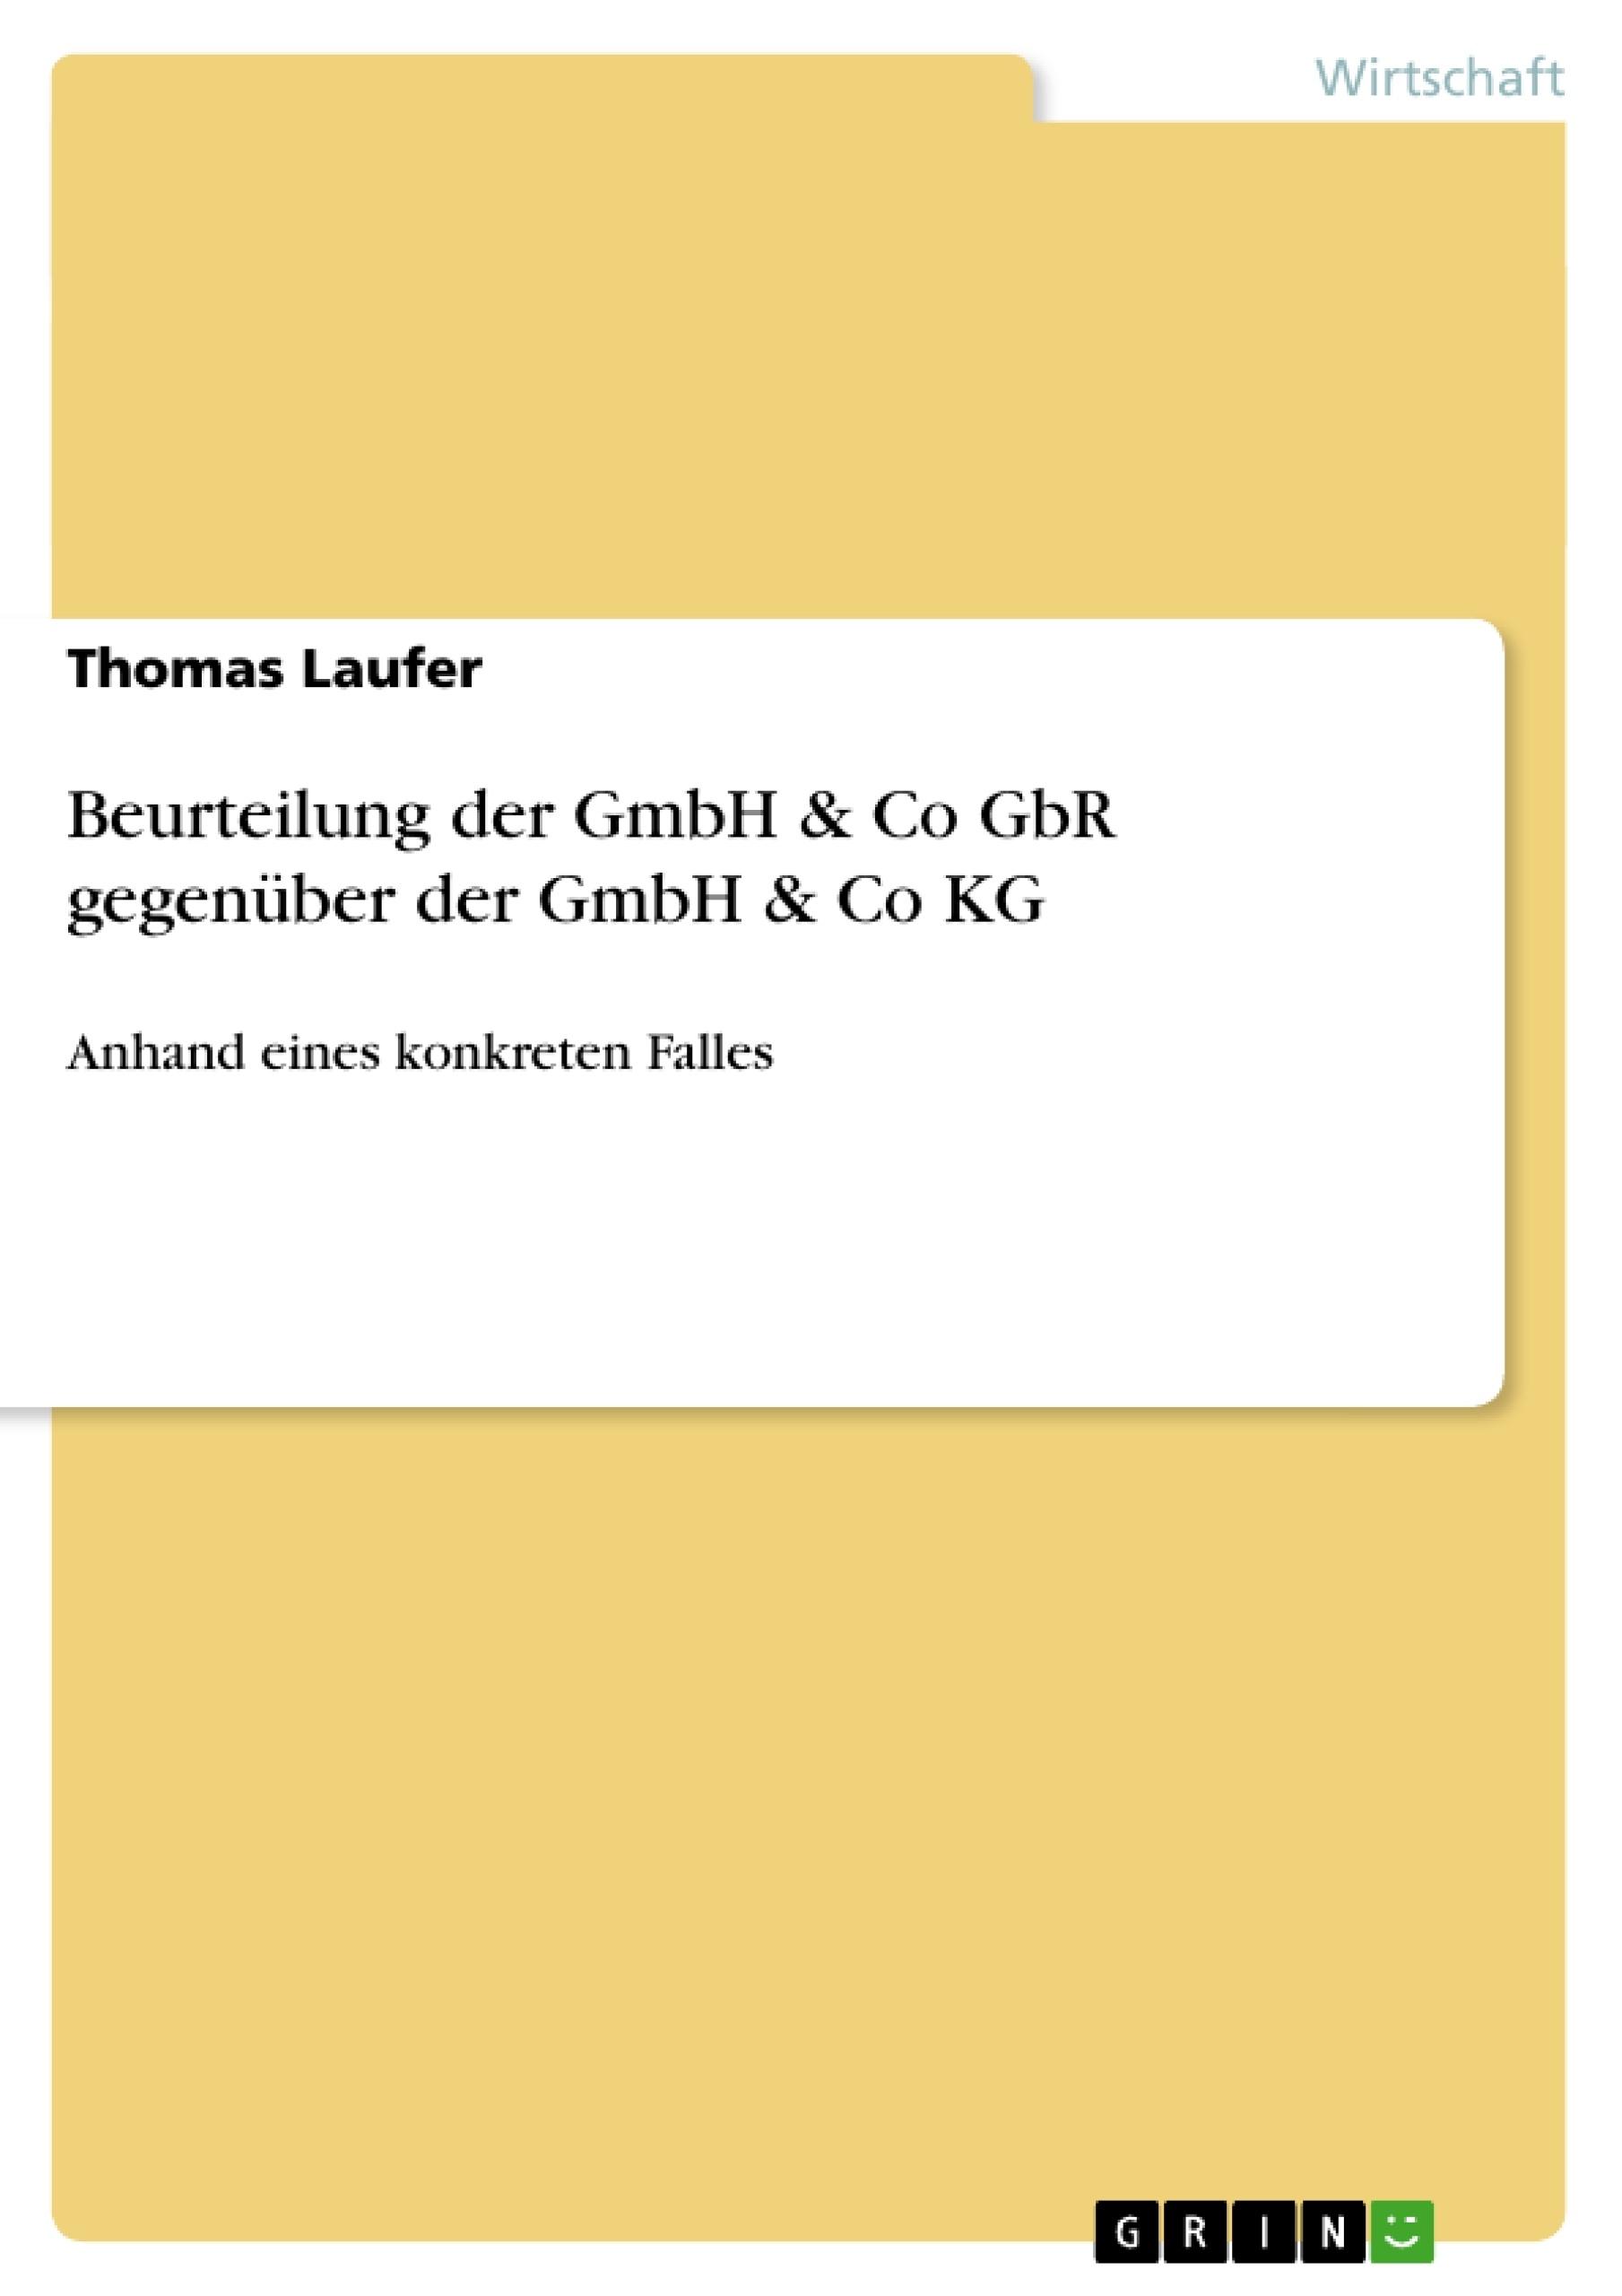 Titel: Beurteilung der GmbH & Co GbR gegenüber der GmbH & Co KG